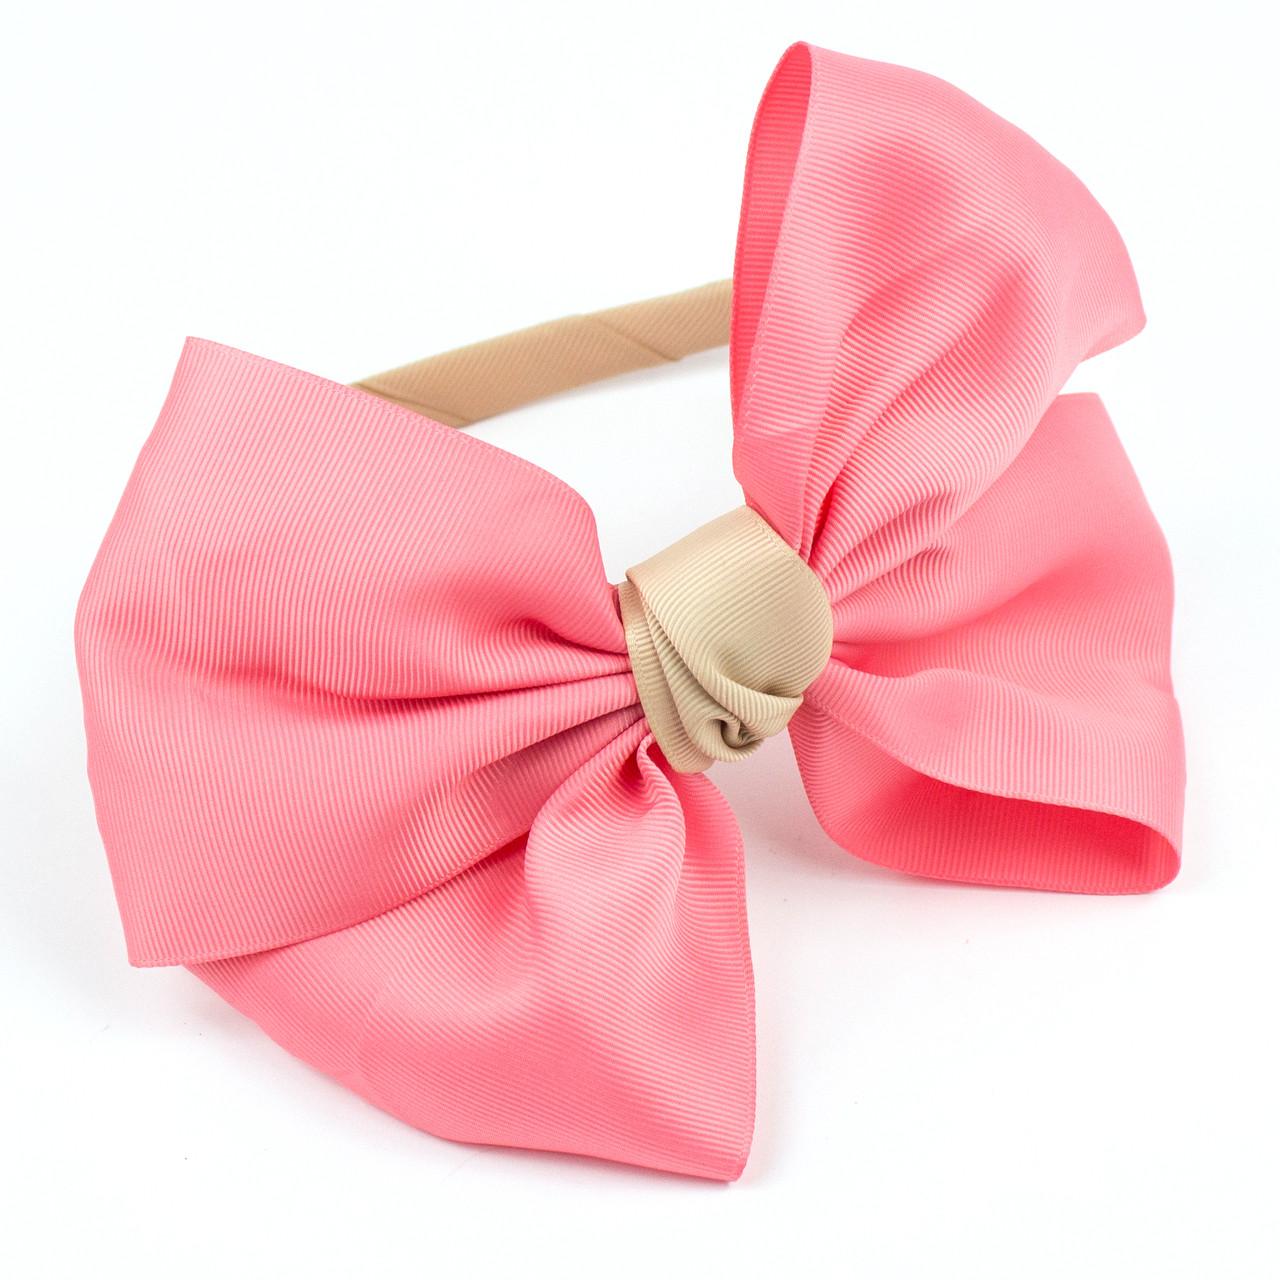 Обруч для волос с большим бантом Розовый-Бежевый